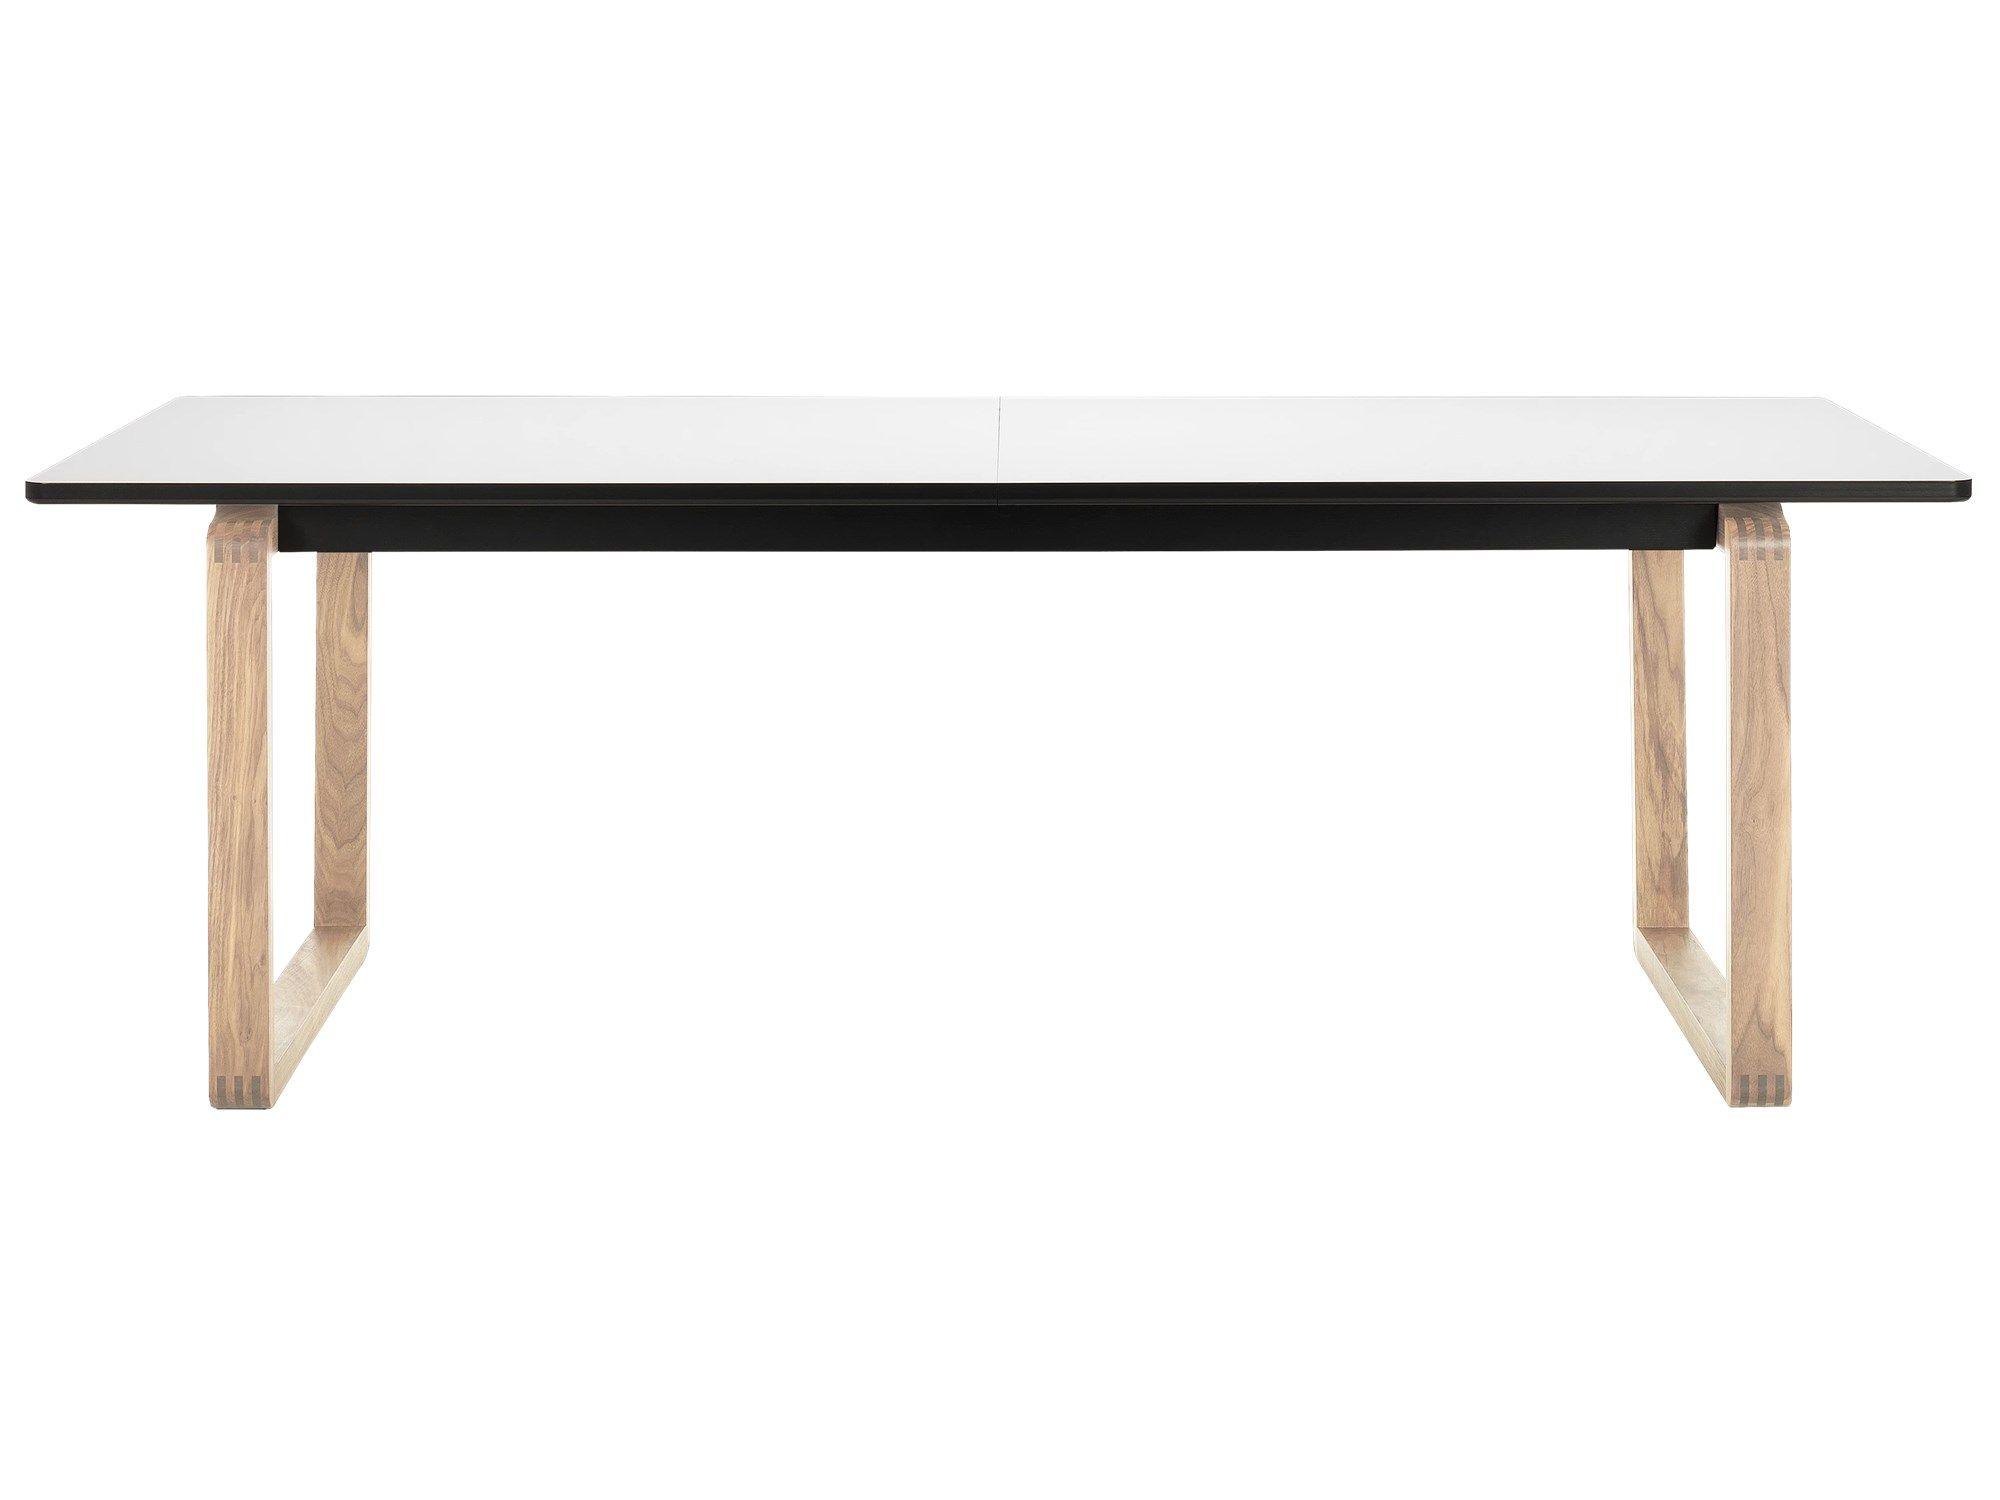 DT20 Spisebord | Laminat weiß, Esstisch, Laminat